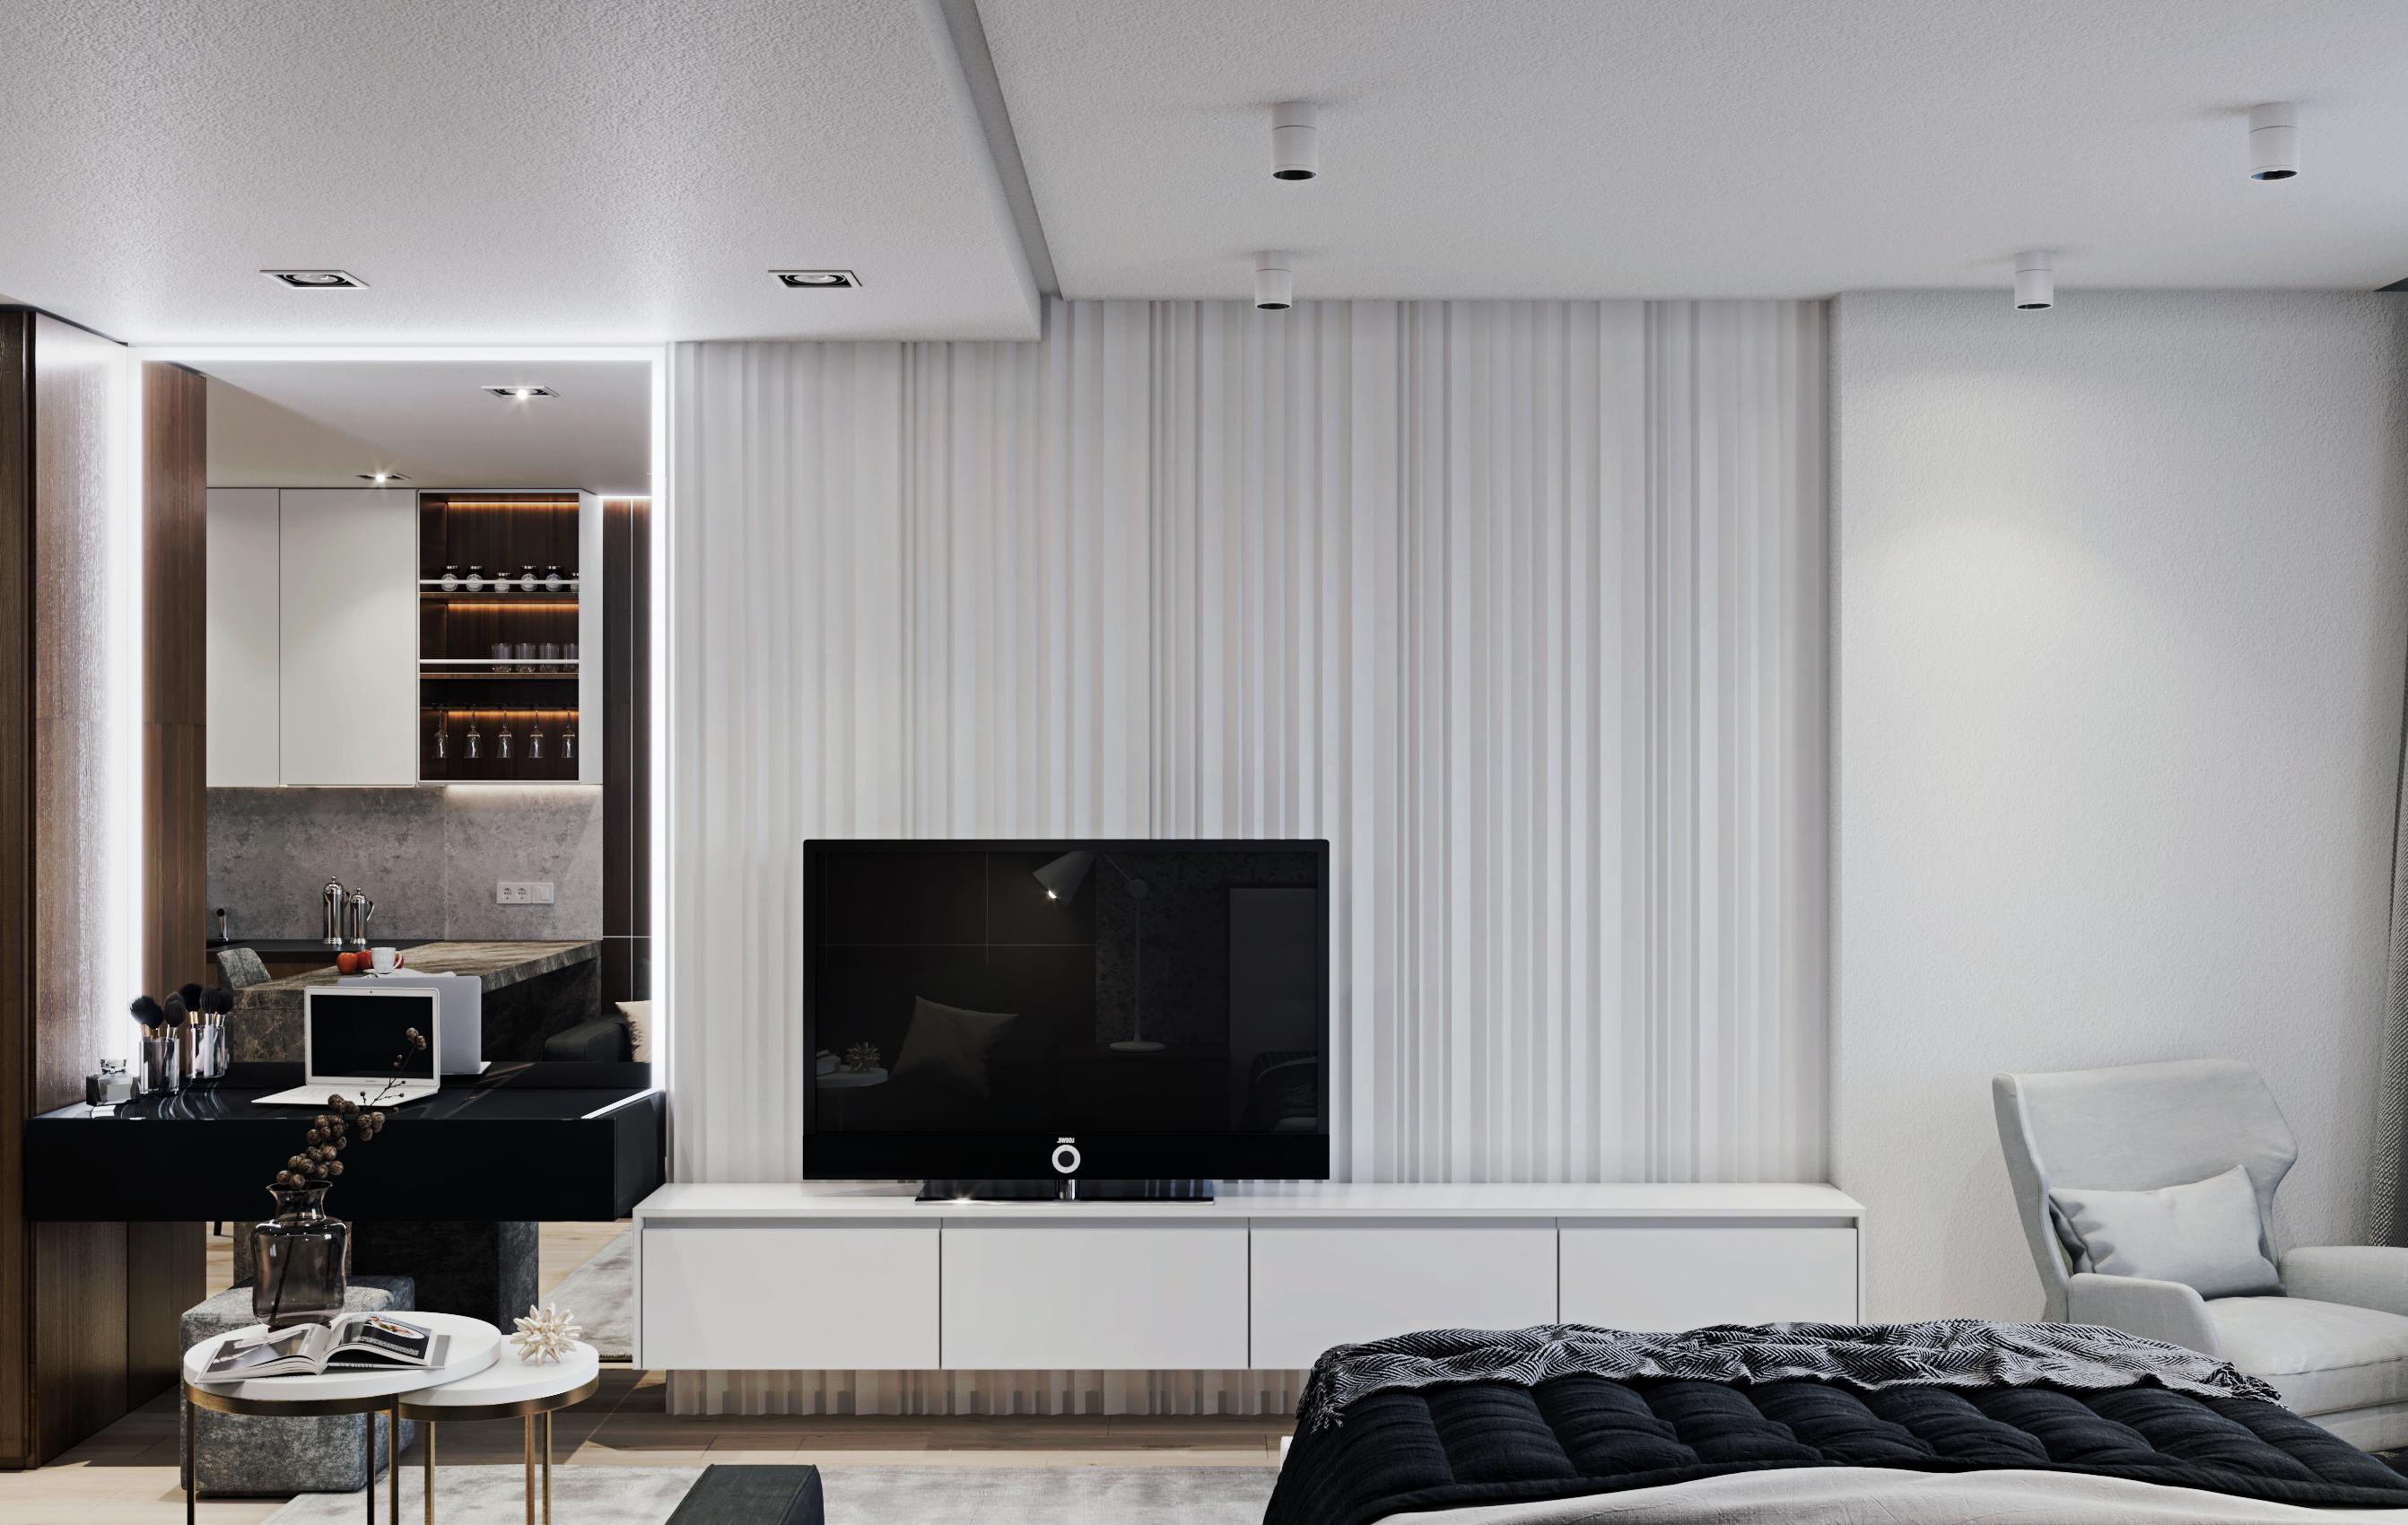 Фото Дизайн апартаментов, вид со стороны кровати